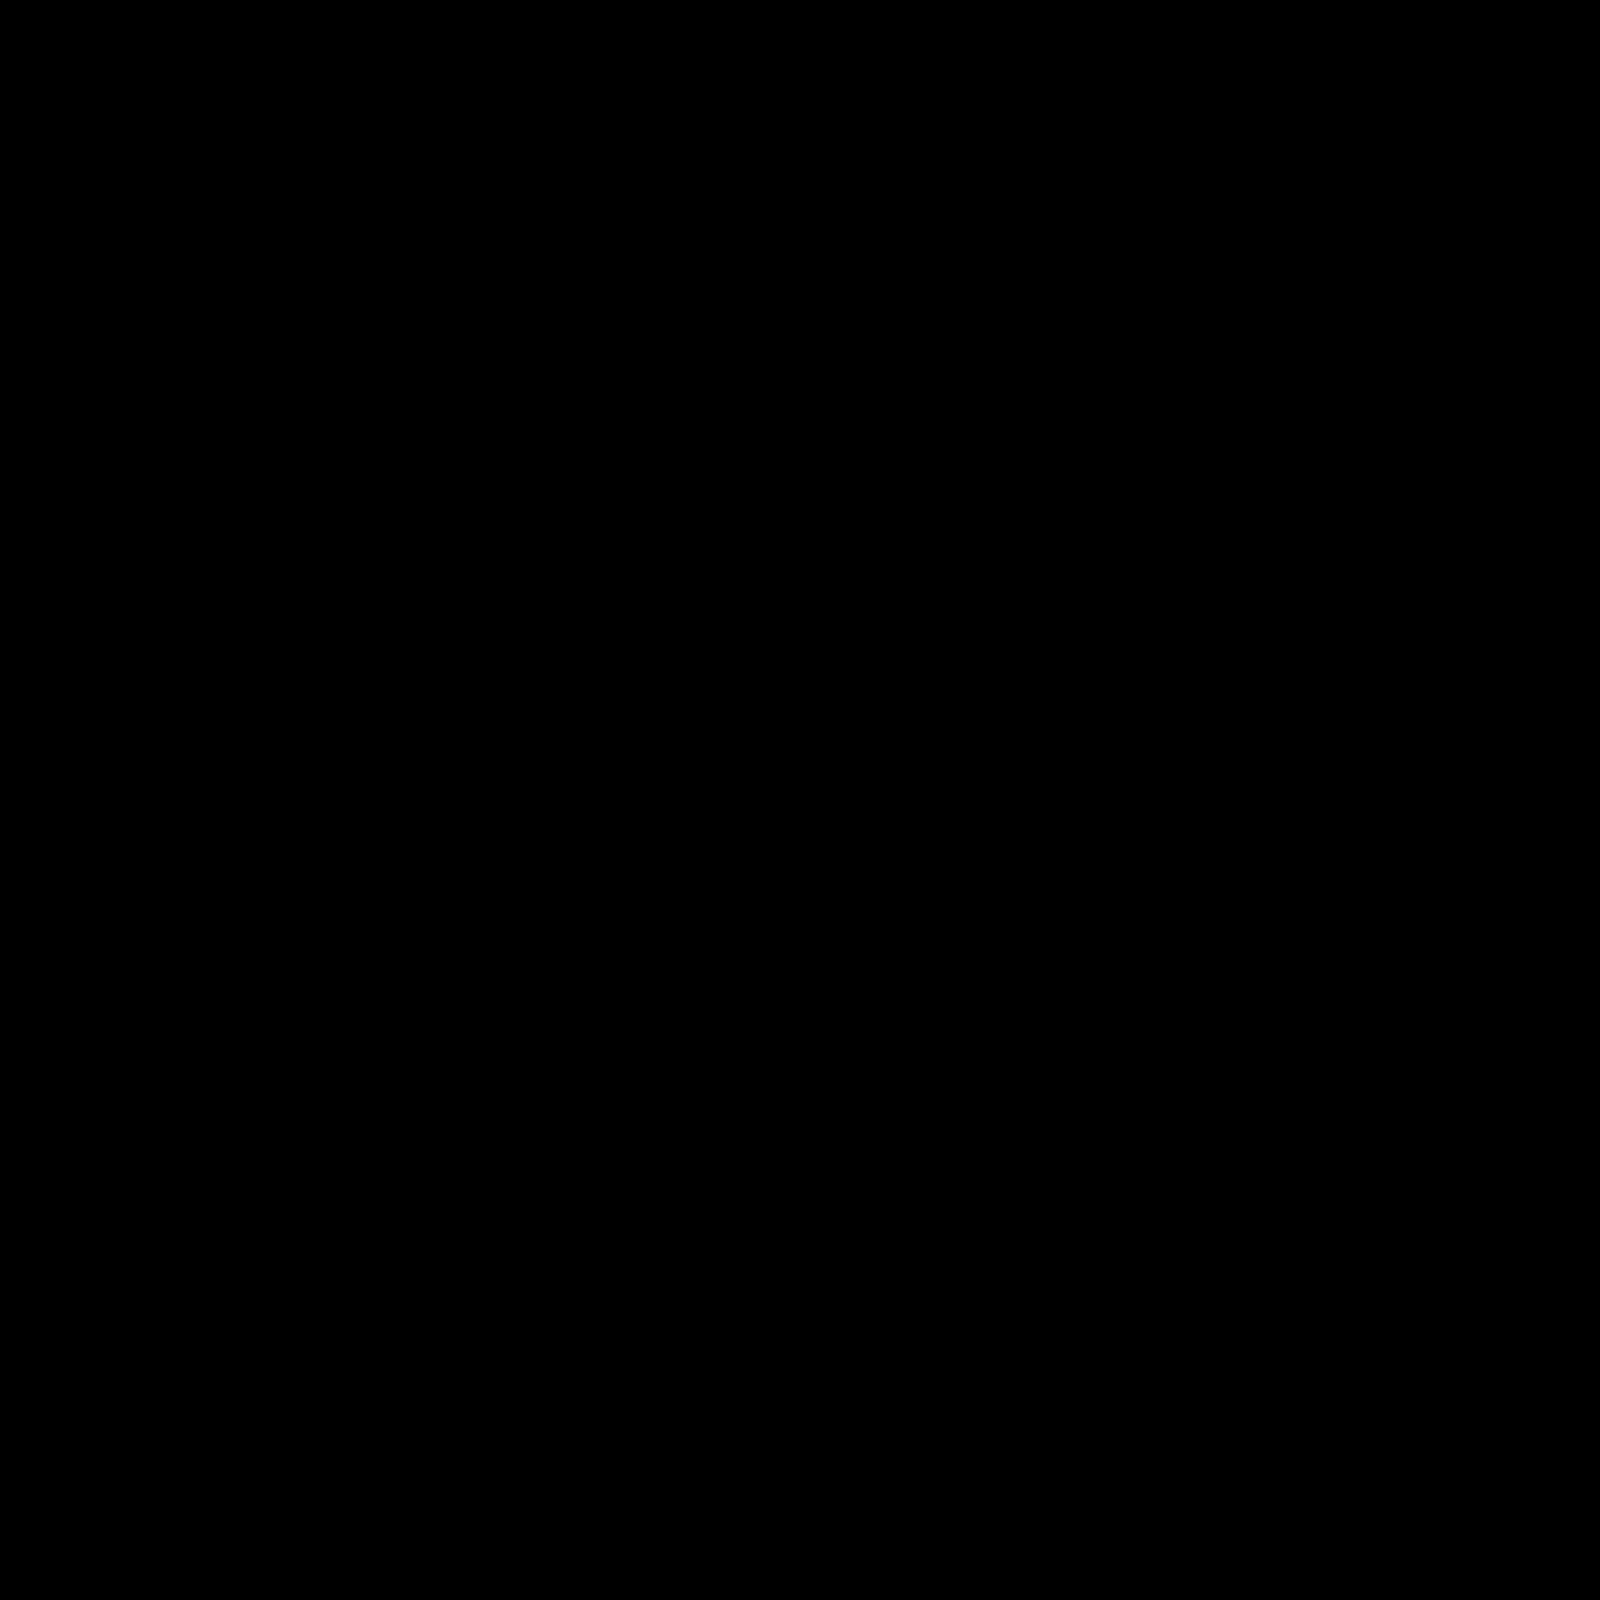 跑步 icon